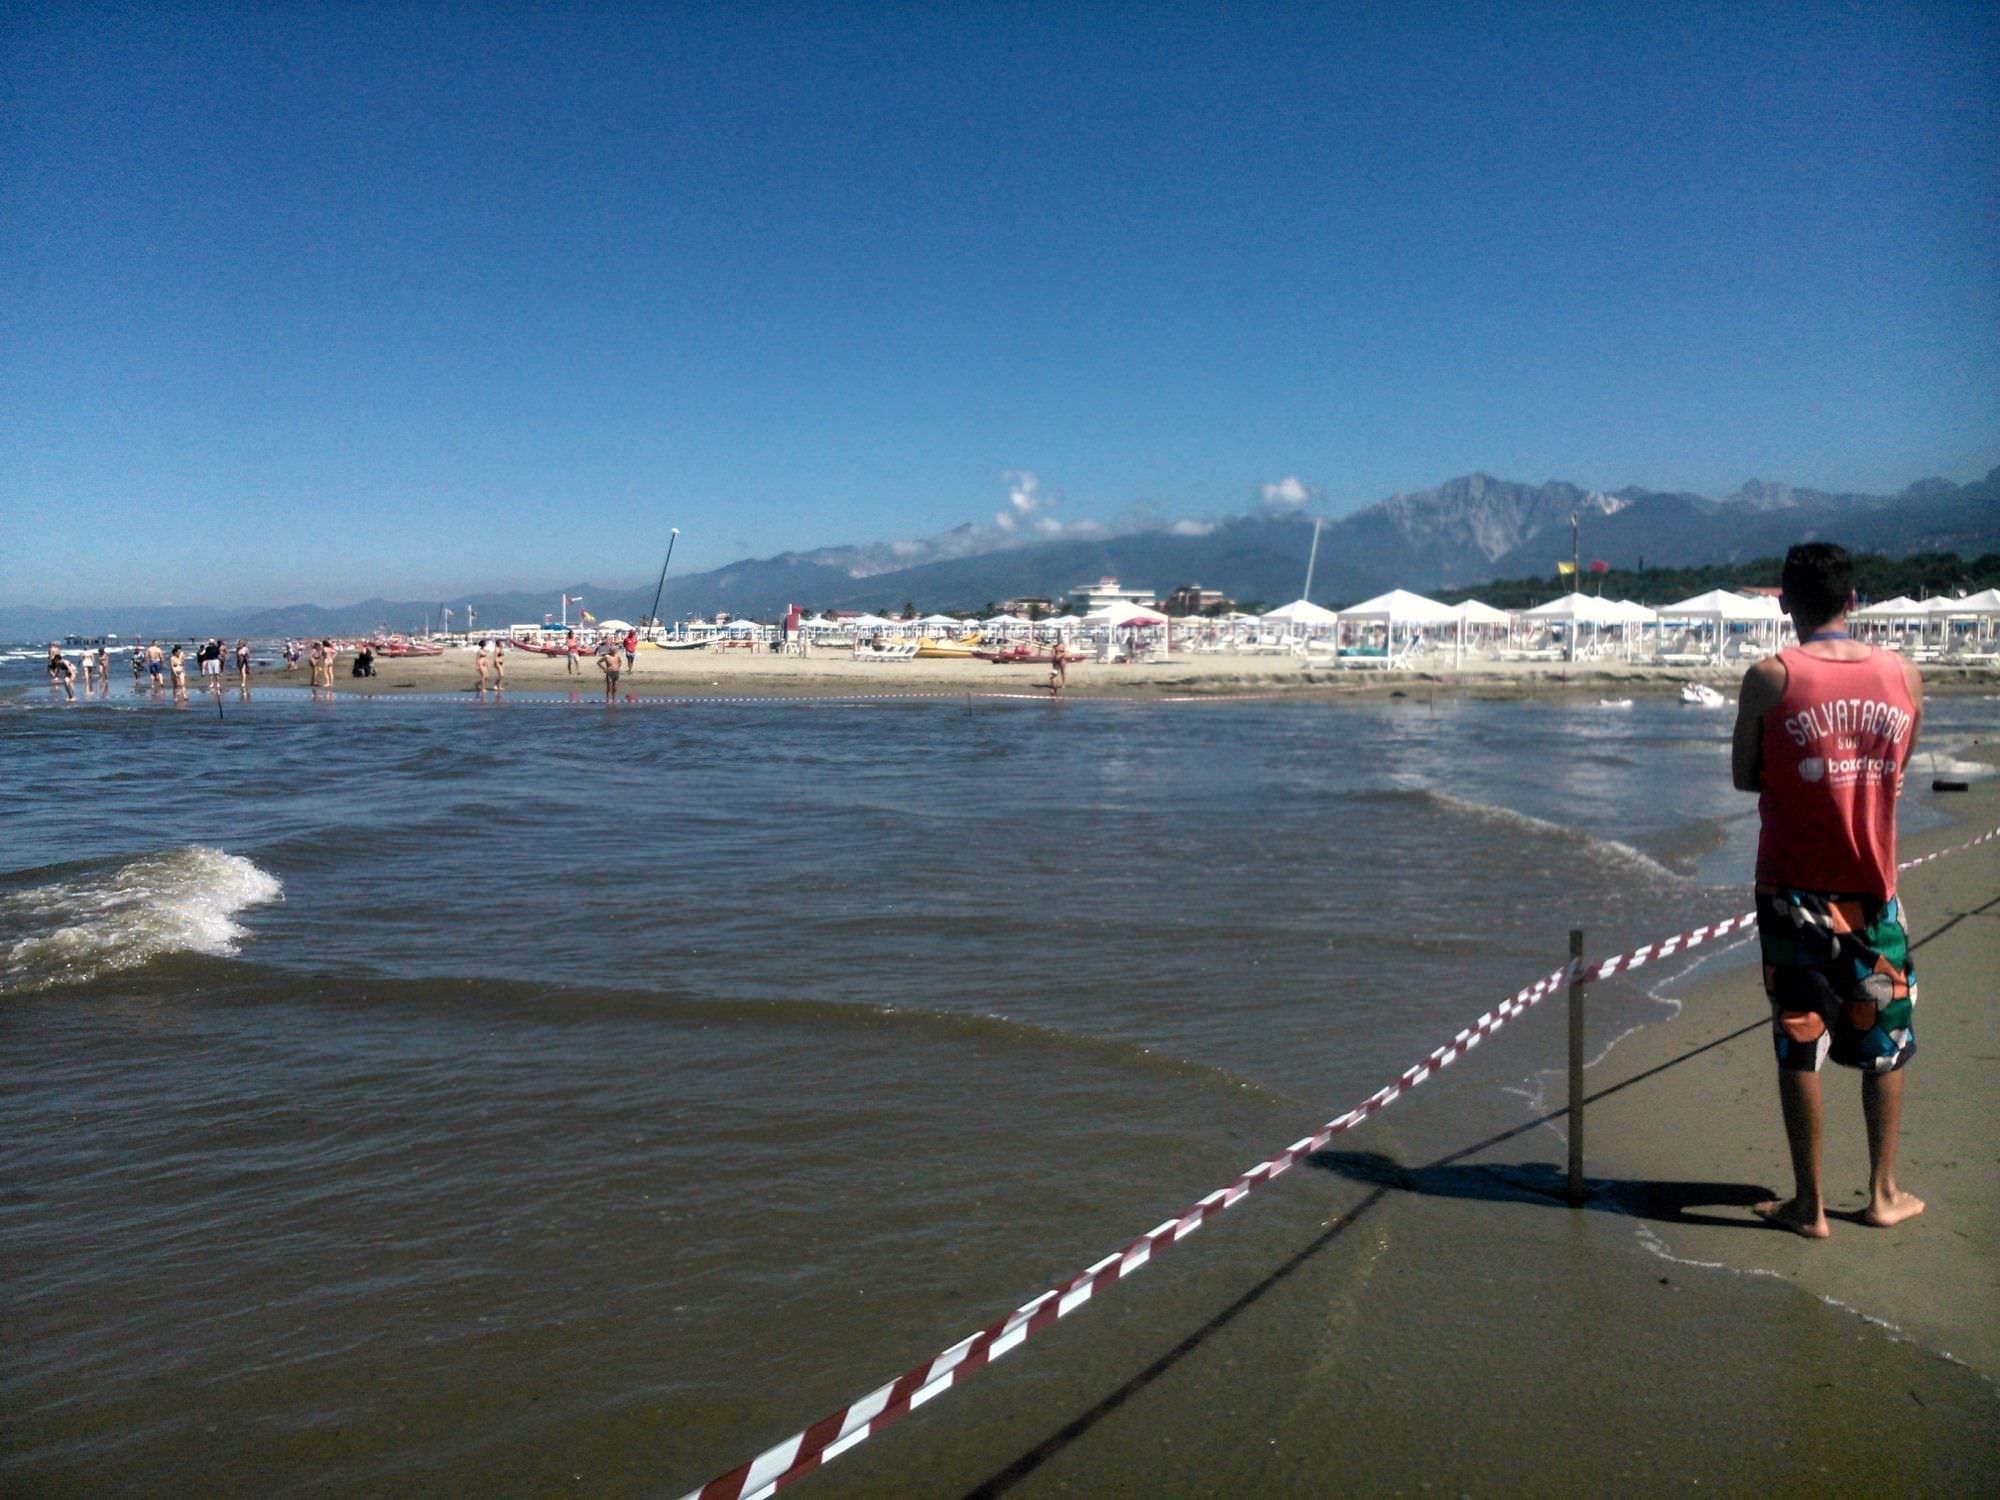 Il mare si mangia la costa a Motrone, la corrente mette in pericolo i bagnanti: protestano i turisti